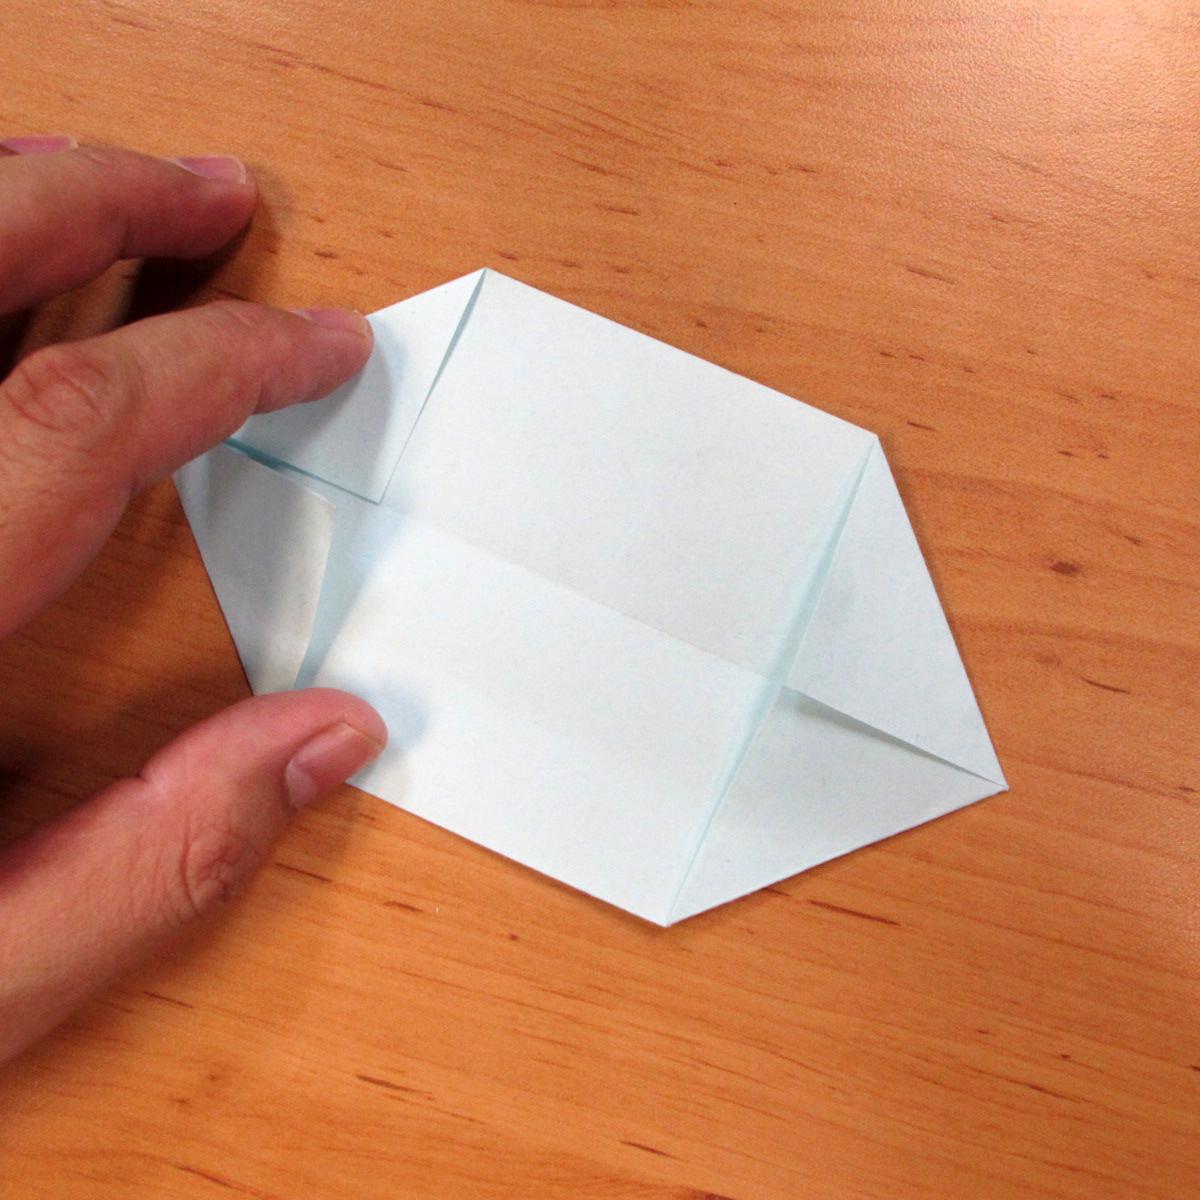 วิธีการพับกระดาษเป็นดอกบัวแบบแยกประกอบส่วน 010